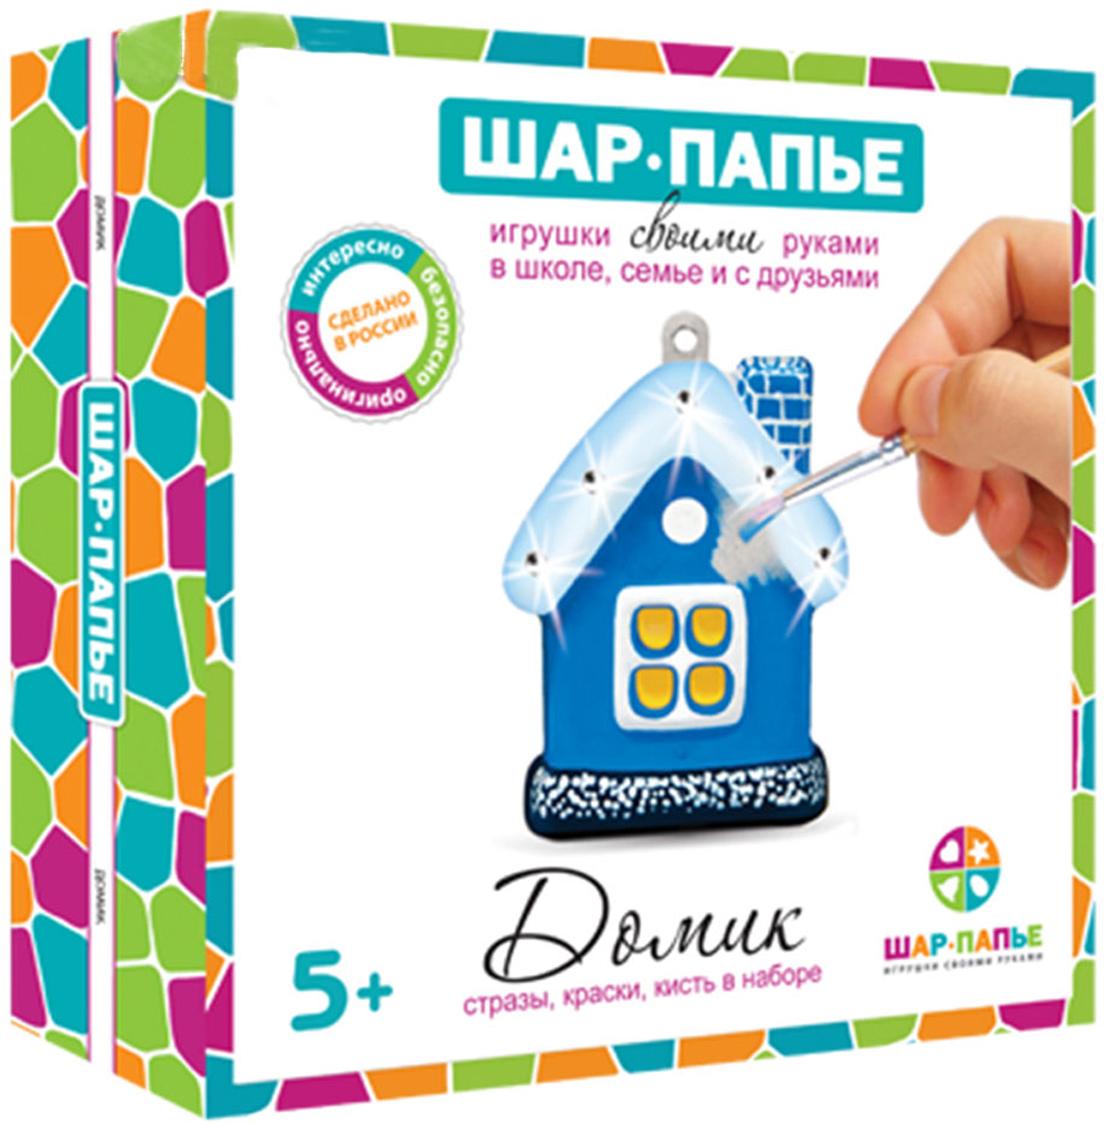 Шар-папье Набор для изготовления игрушки Домик